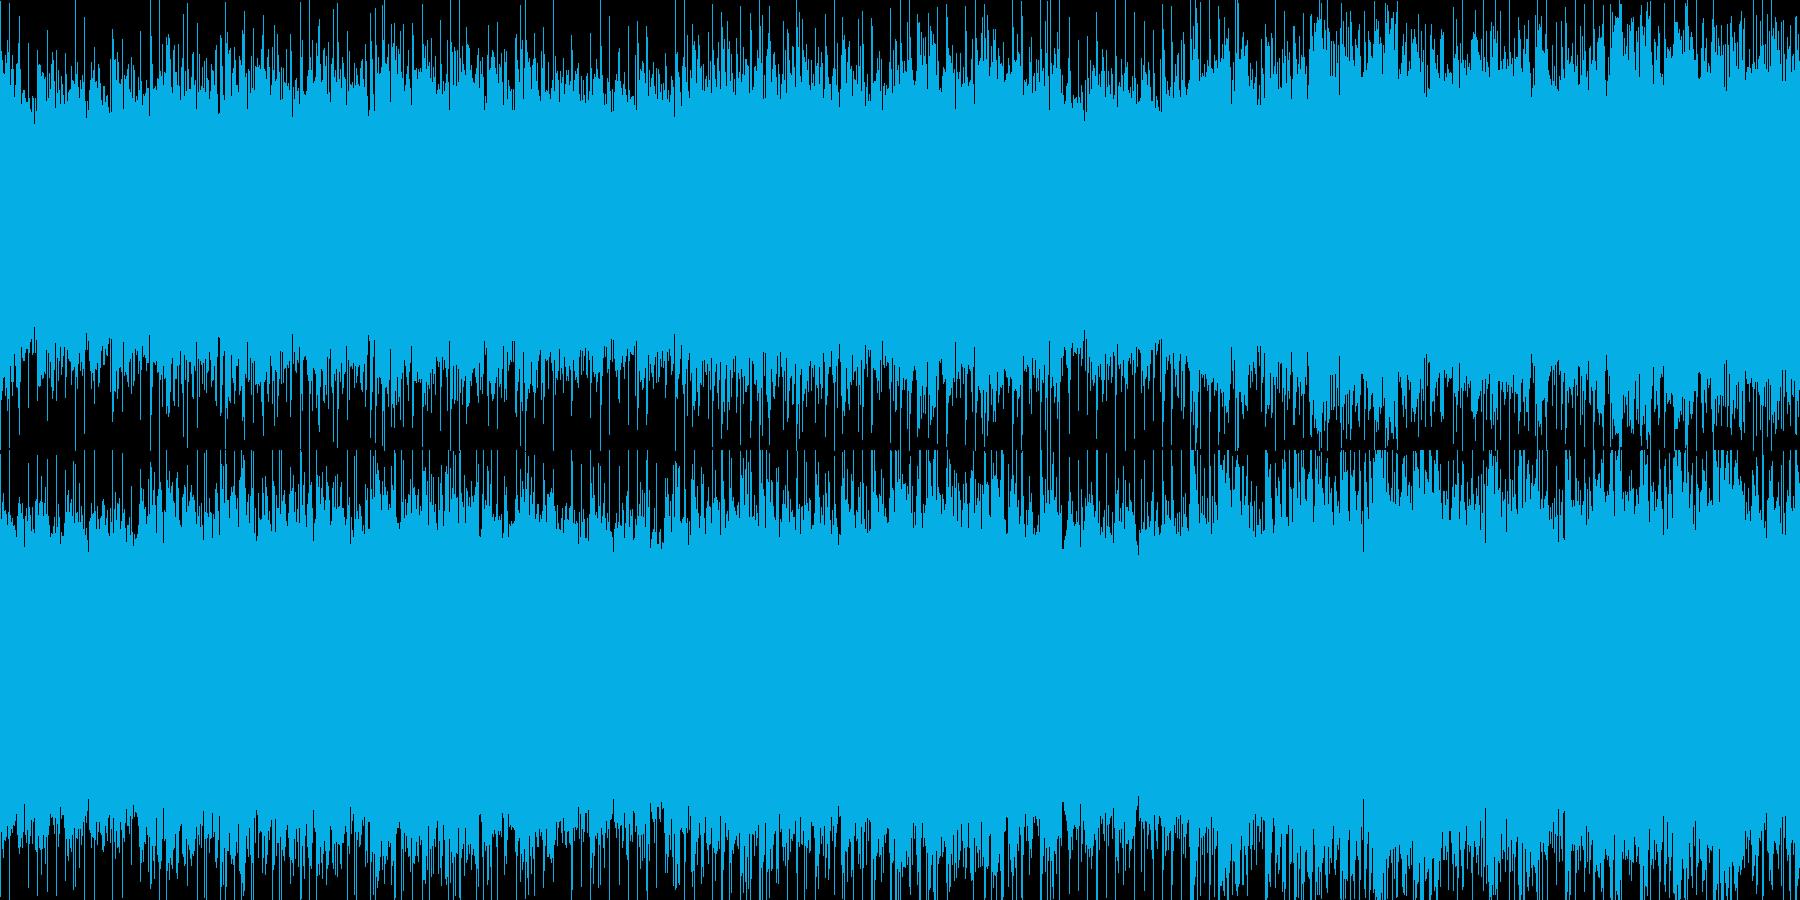 爽やか/幸福感/ピアノ/アコギ ループ版の再生済みの波形